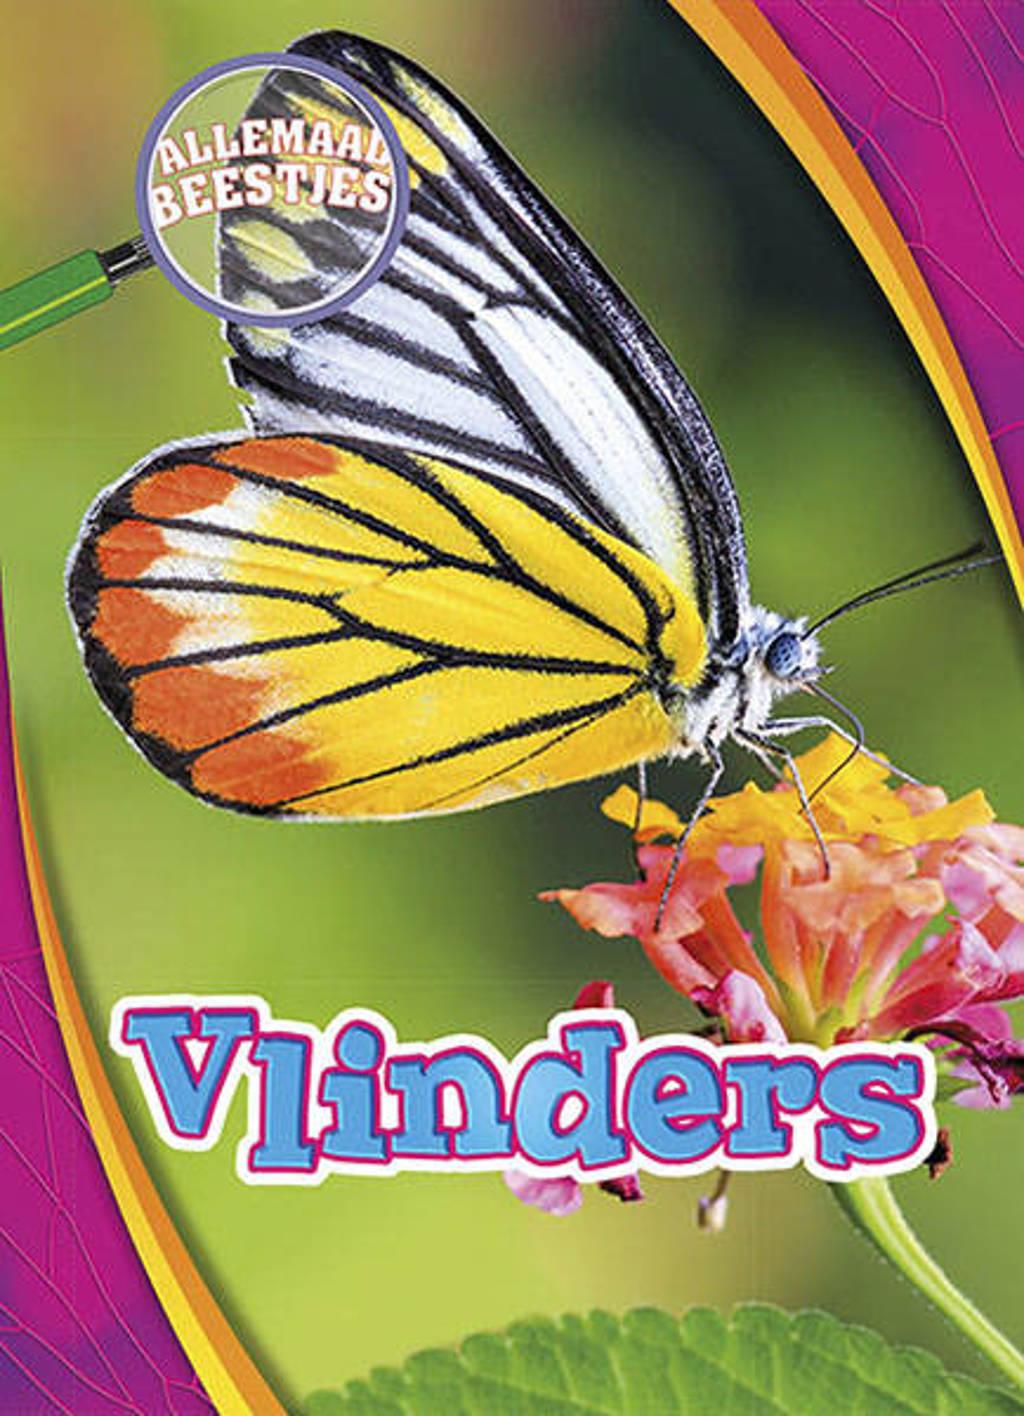 Allemaal beestjes: Vlinders - Christina Leaf